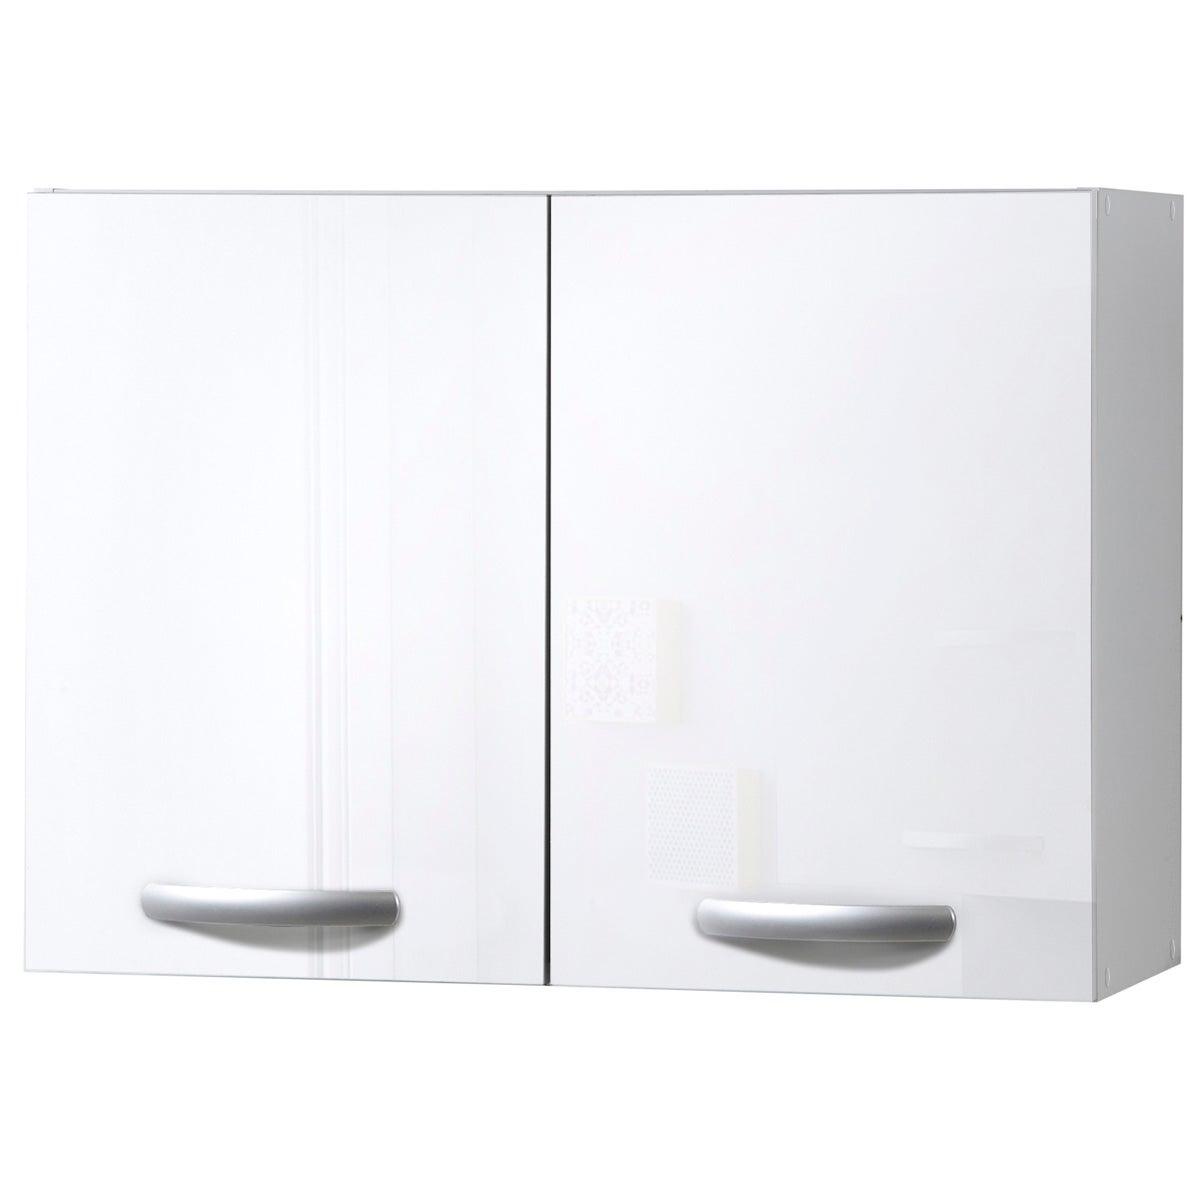 Meuble de cuisine haut 10 portes H.10.10 x l.10 x P.10.10 cm